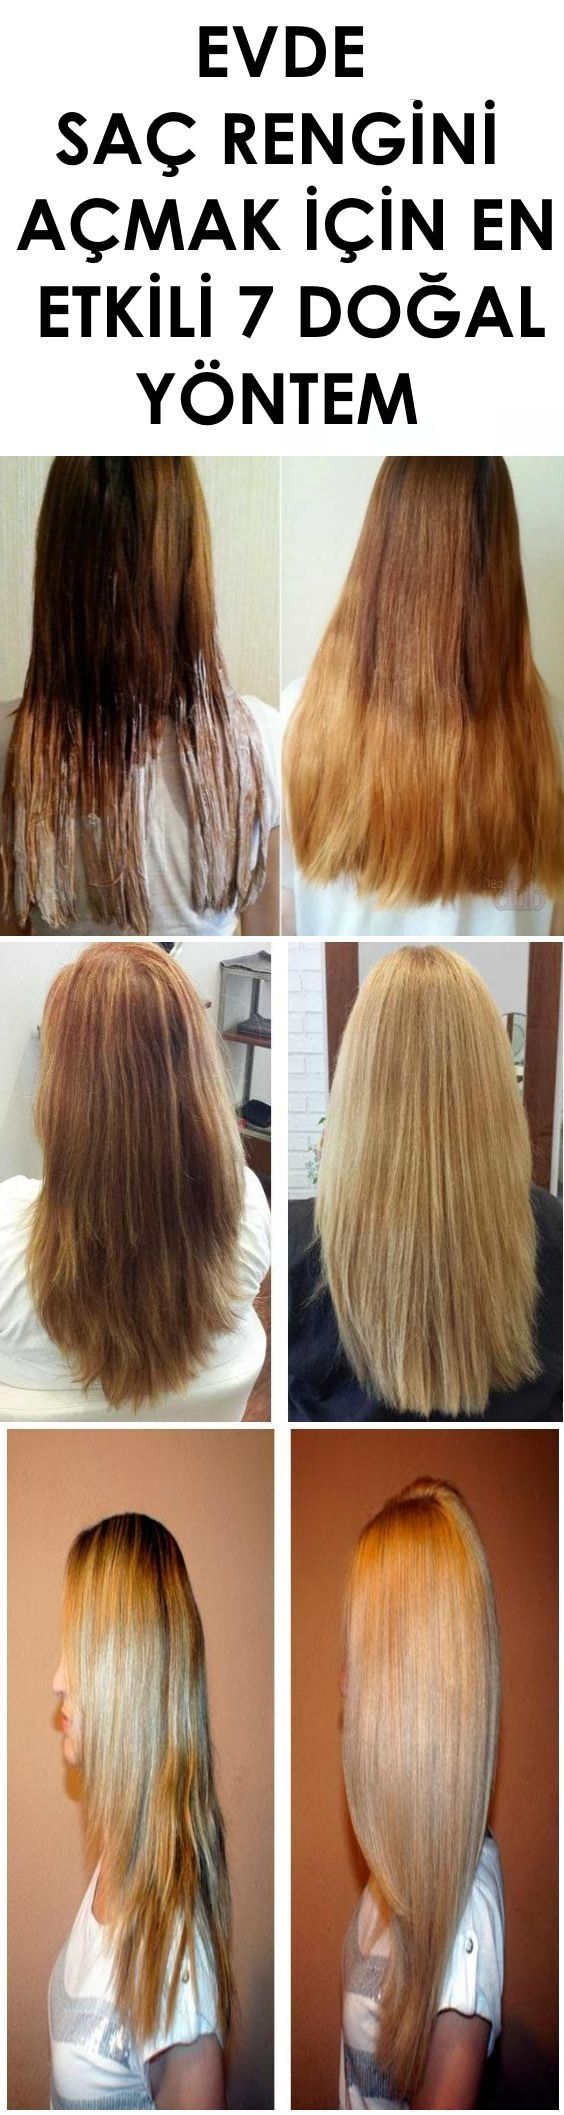 Doğal yöntem İle Saç Rengini Açmak